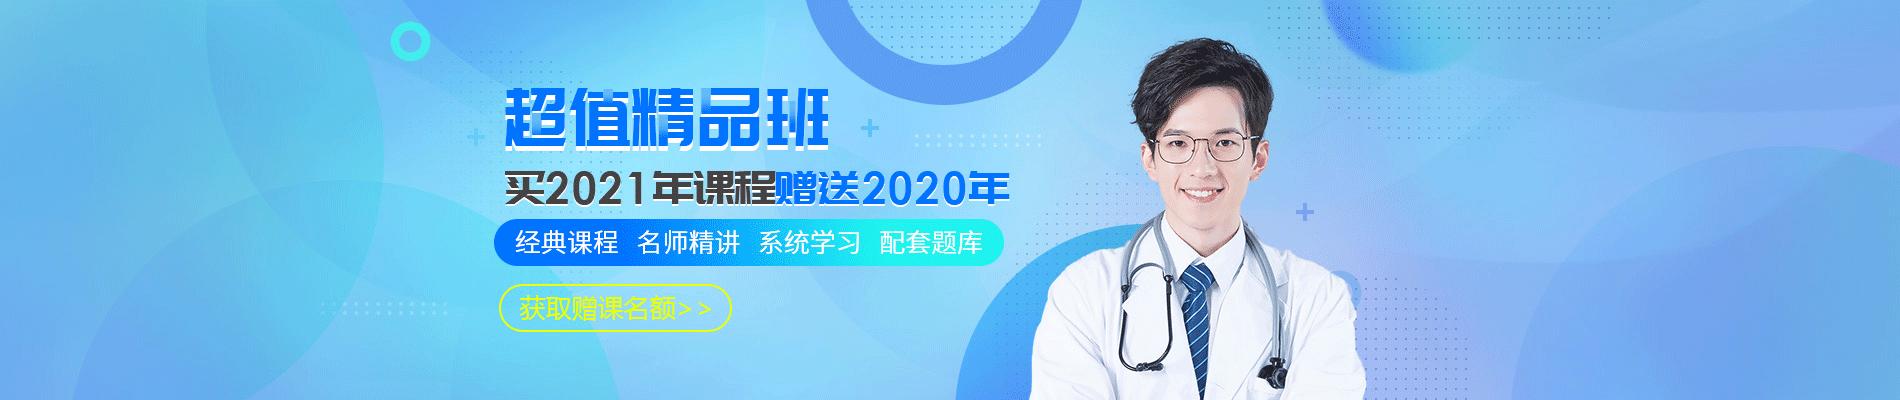 2020年初级中药师网课视频哪家好